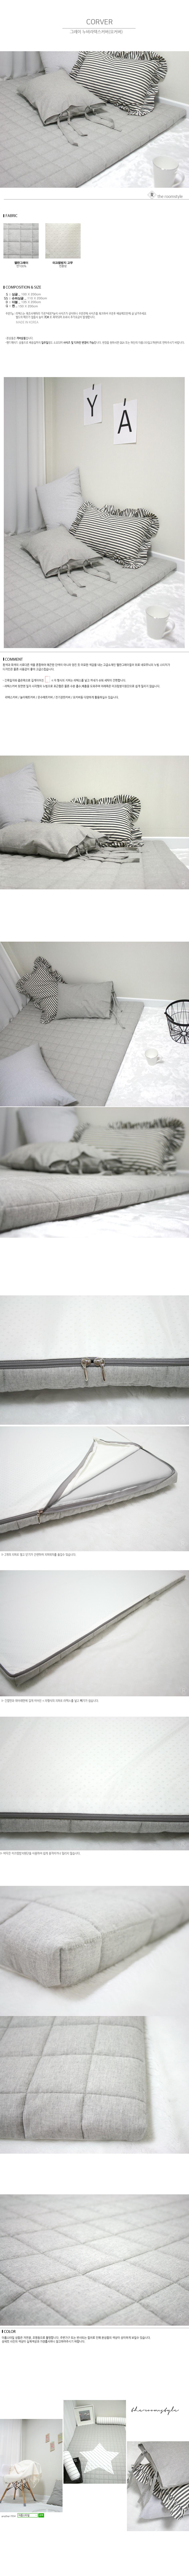 그레이 누비라텍스커버(요커버) - 더룸스타일, 86,000원, 침구 단품, 패드/스프레드